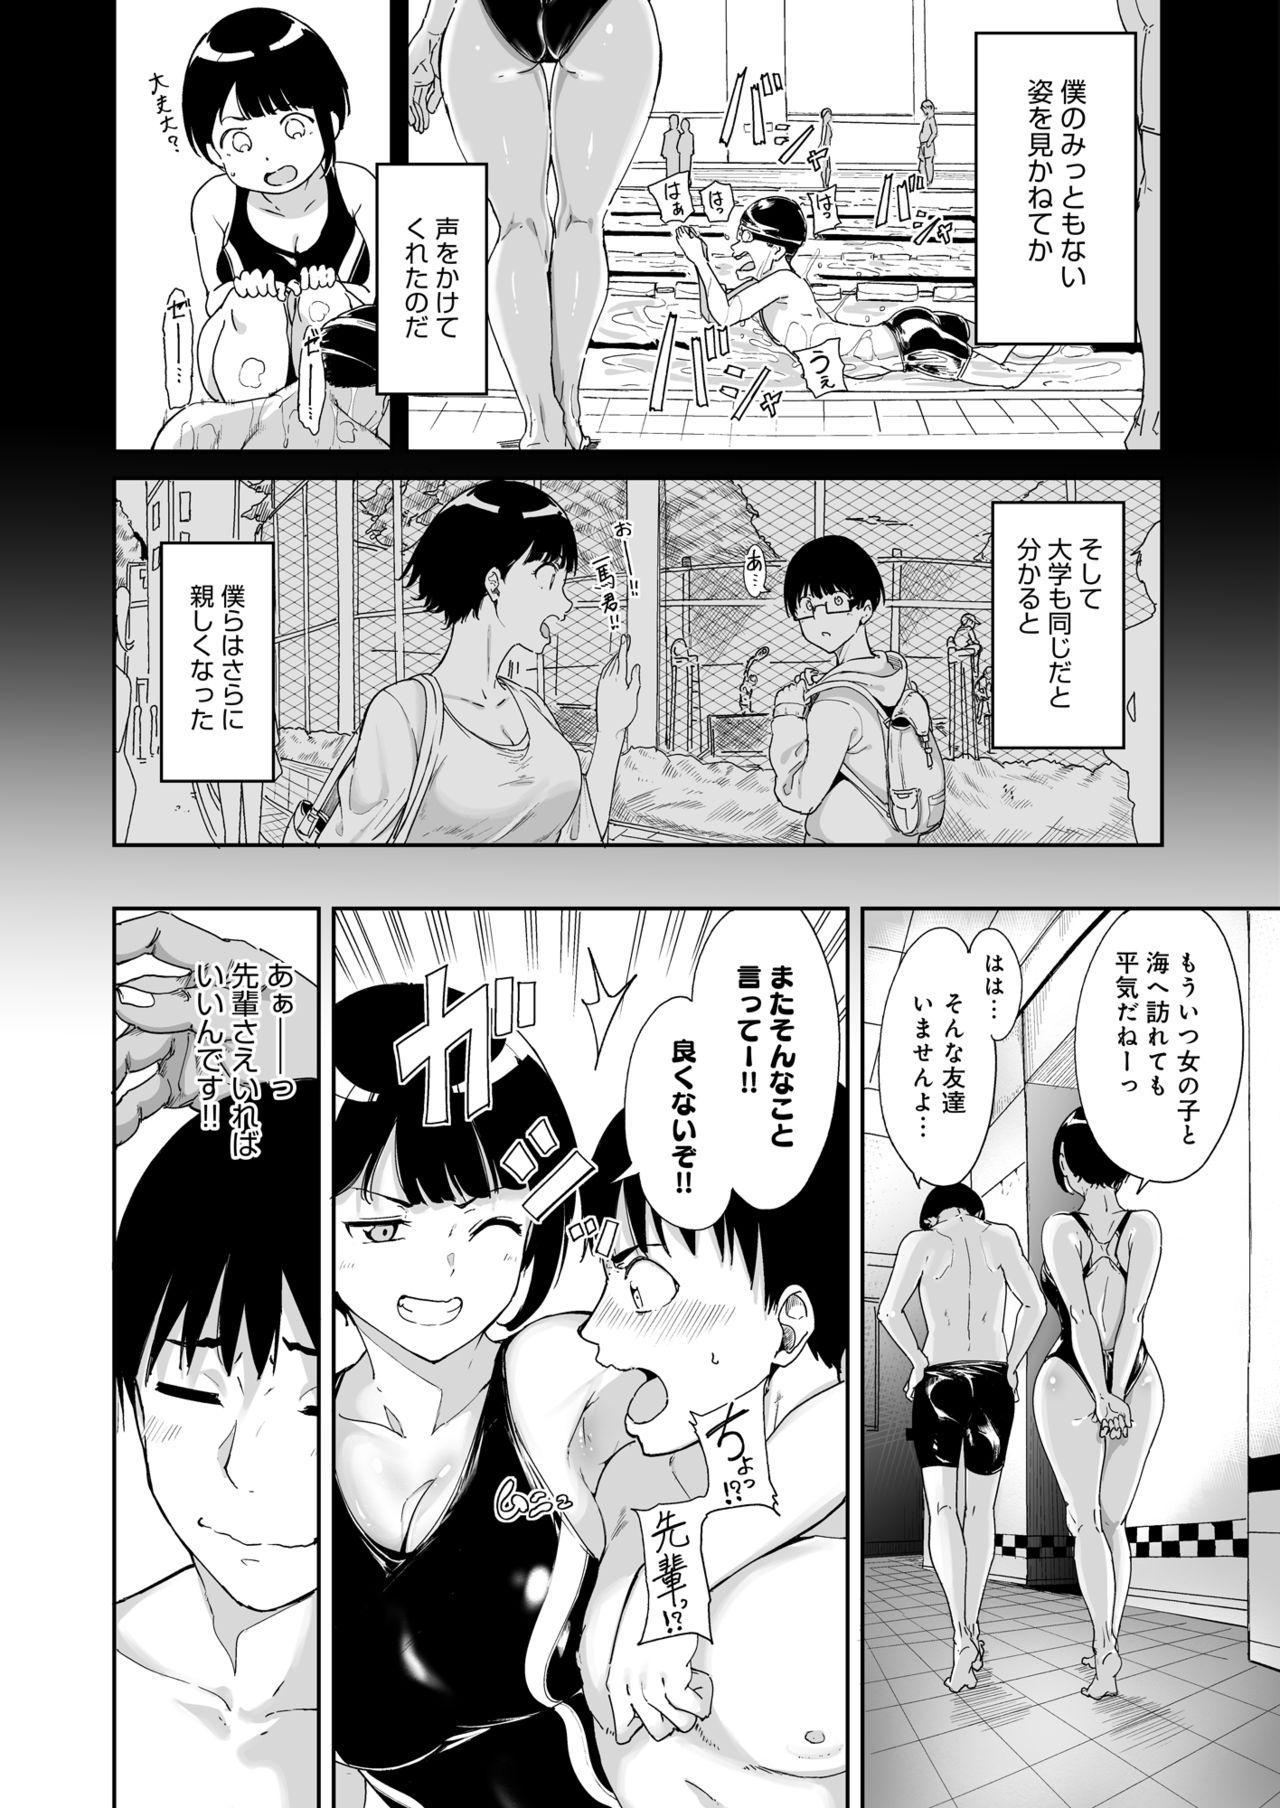 Akogare Kanojo no Risou to Genjitsu 2